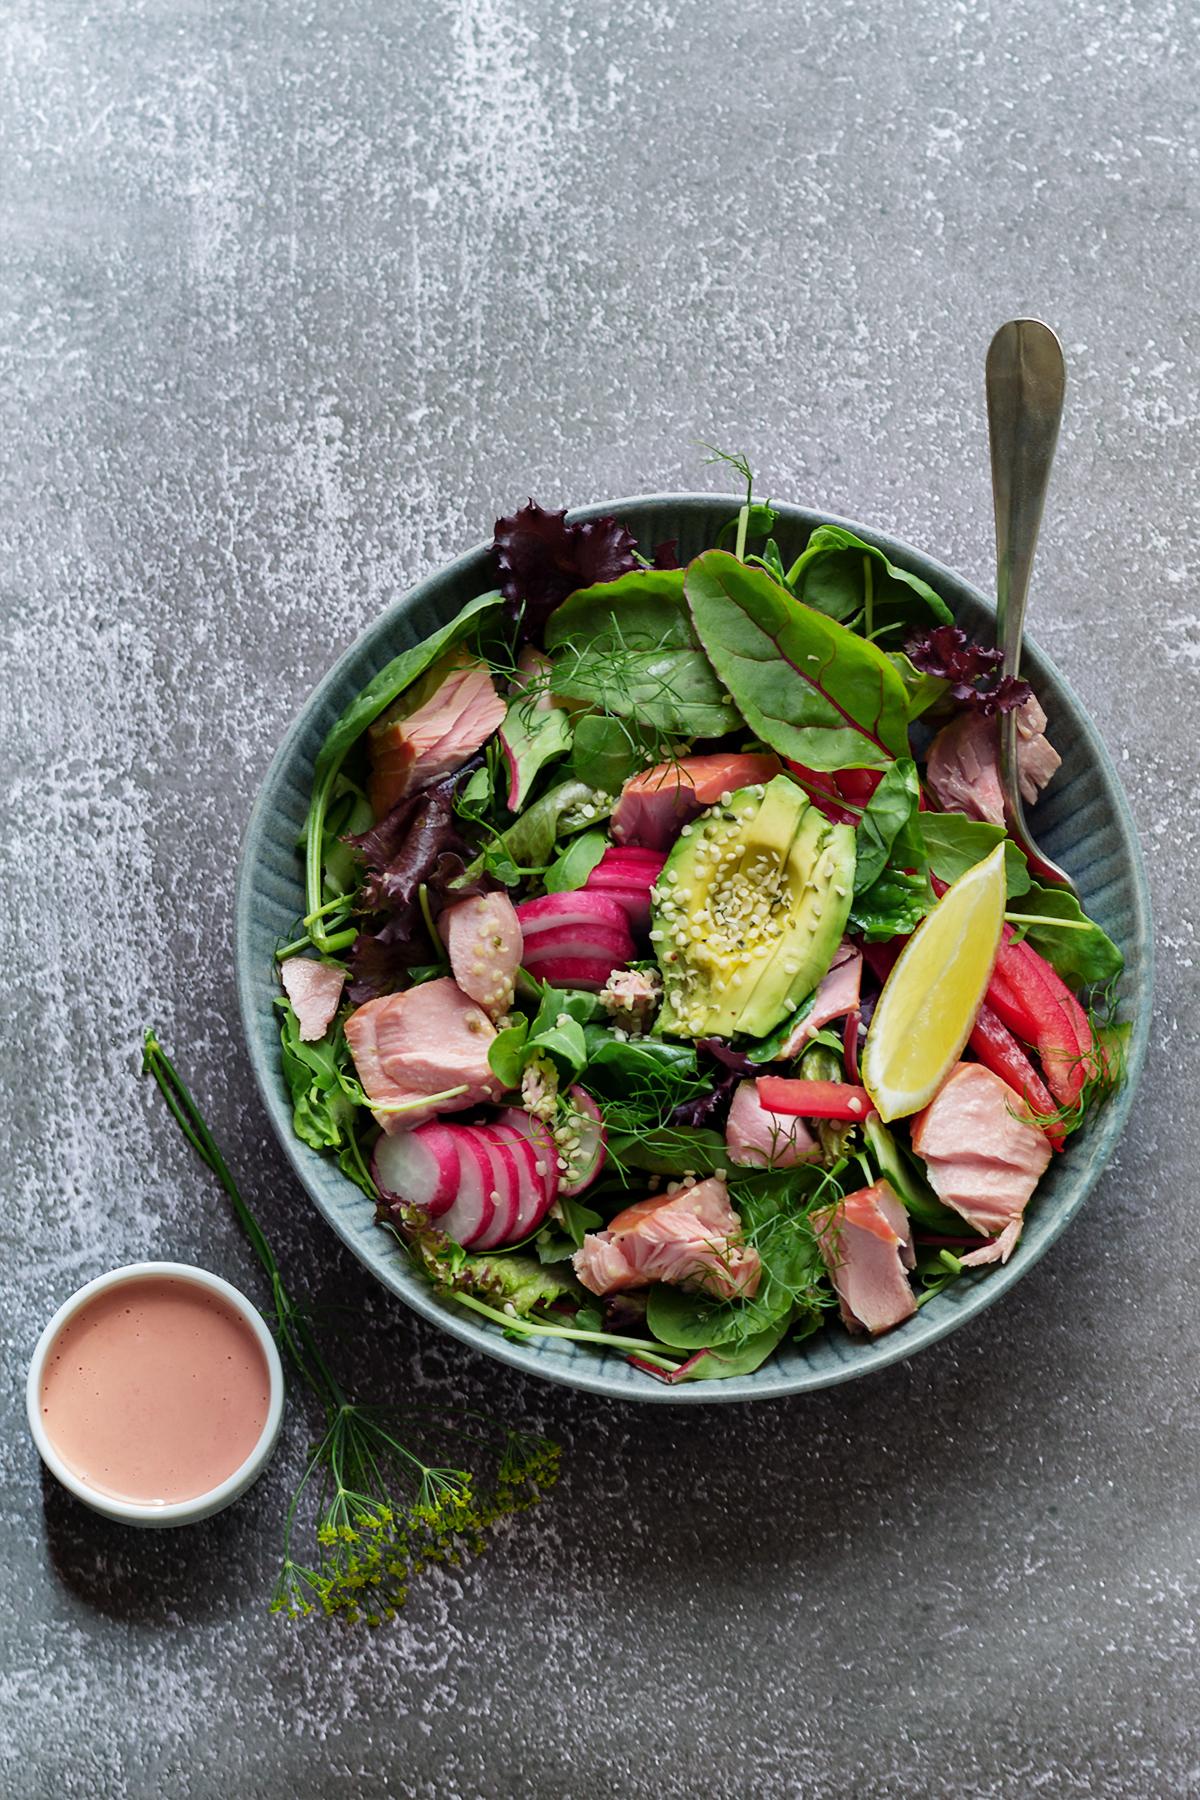 szybka sałatka łosoś zdrowo odchudzanie dieta lchf